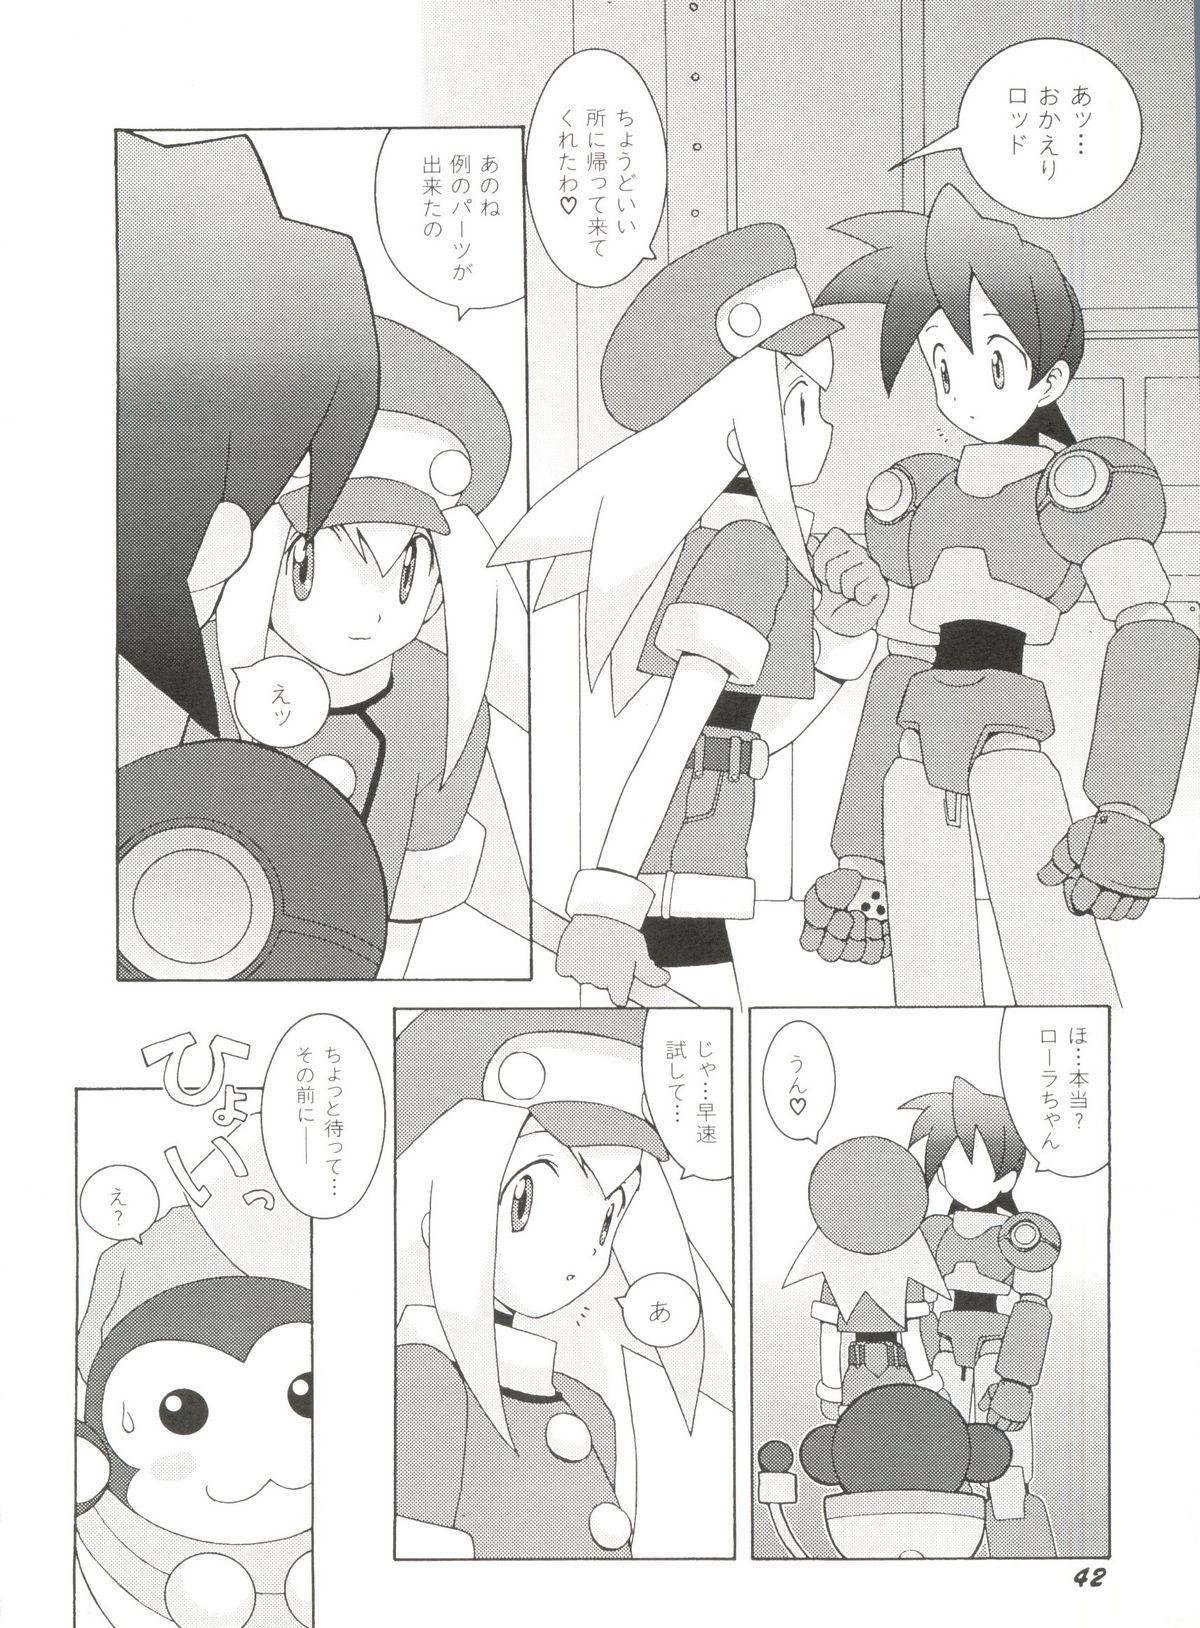 Denei Tamate Bako Bishoujo Doujinshi Anthology Vol. 2 - Nishinhou no Tenshi 45